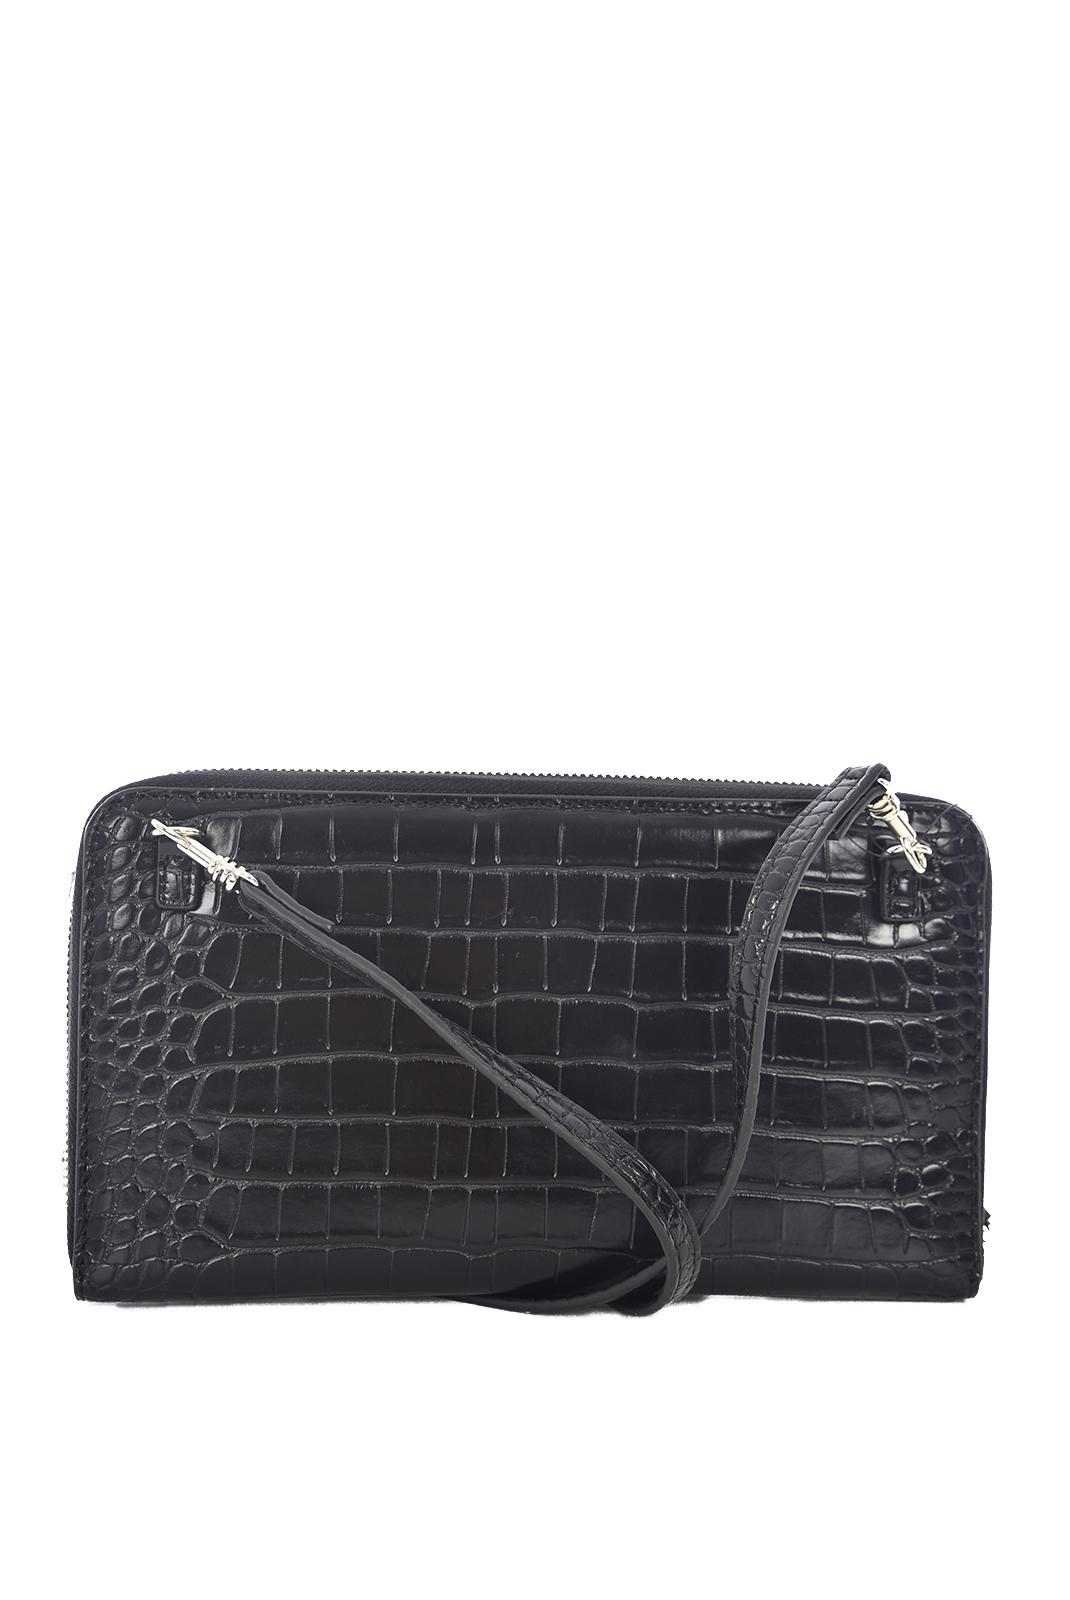 Portefeuilles / Porte-monnaie  Guess jeans SWCG66 91540 KAMRYN SLG BLACK